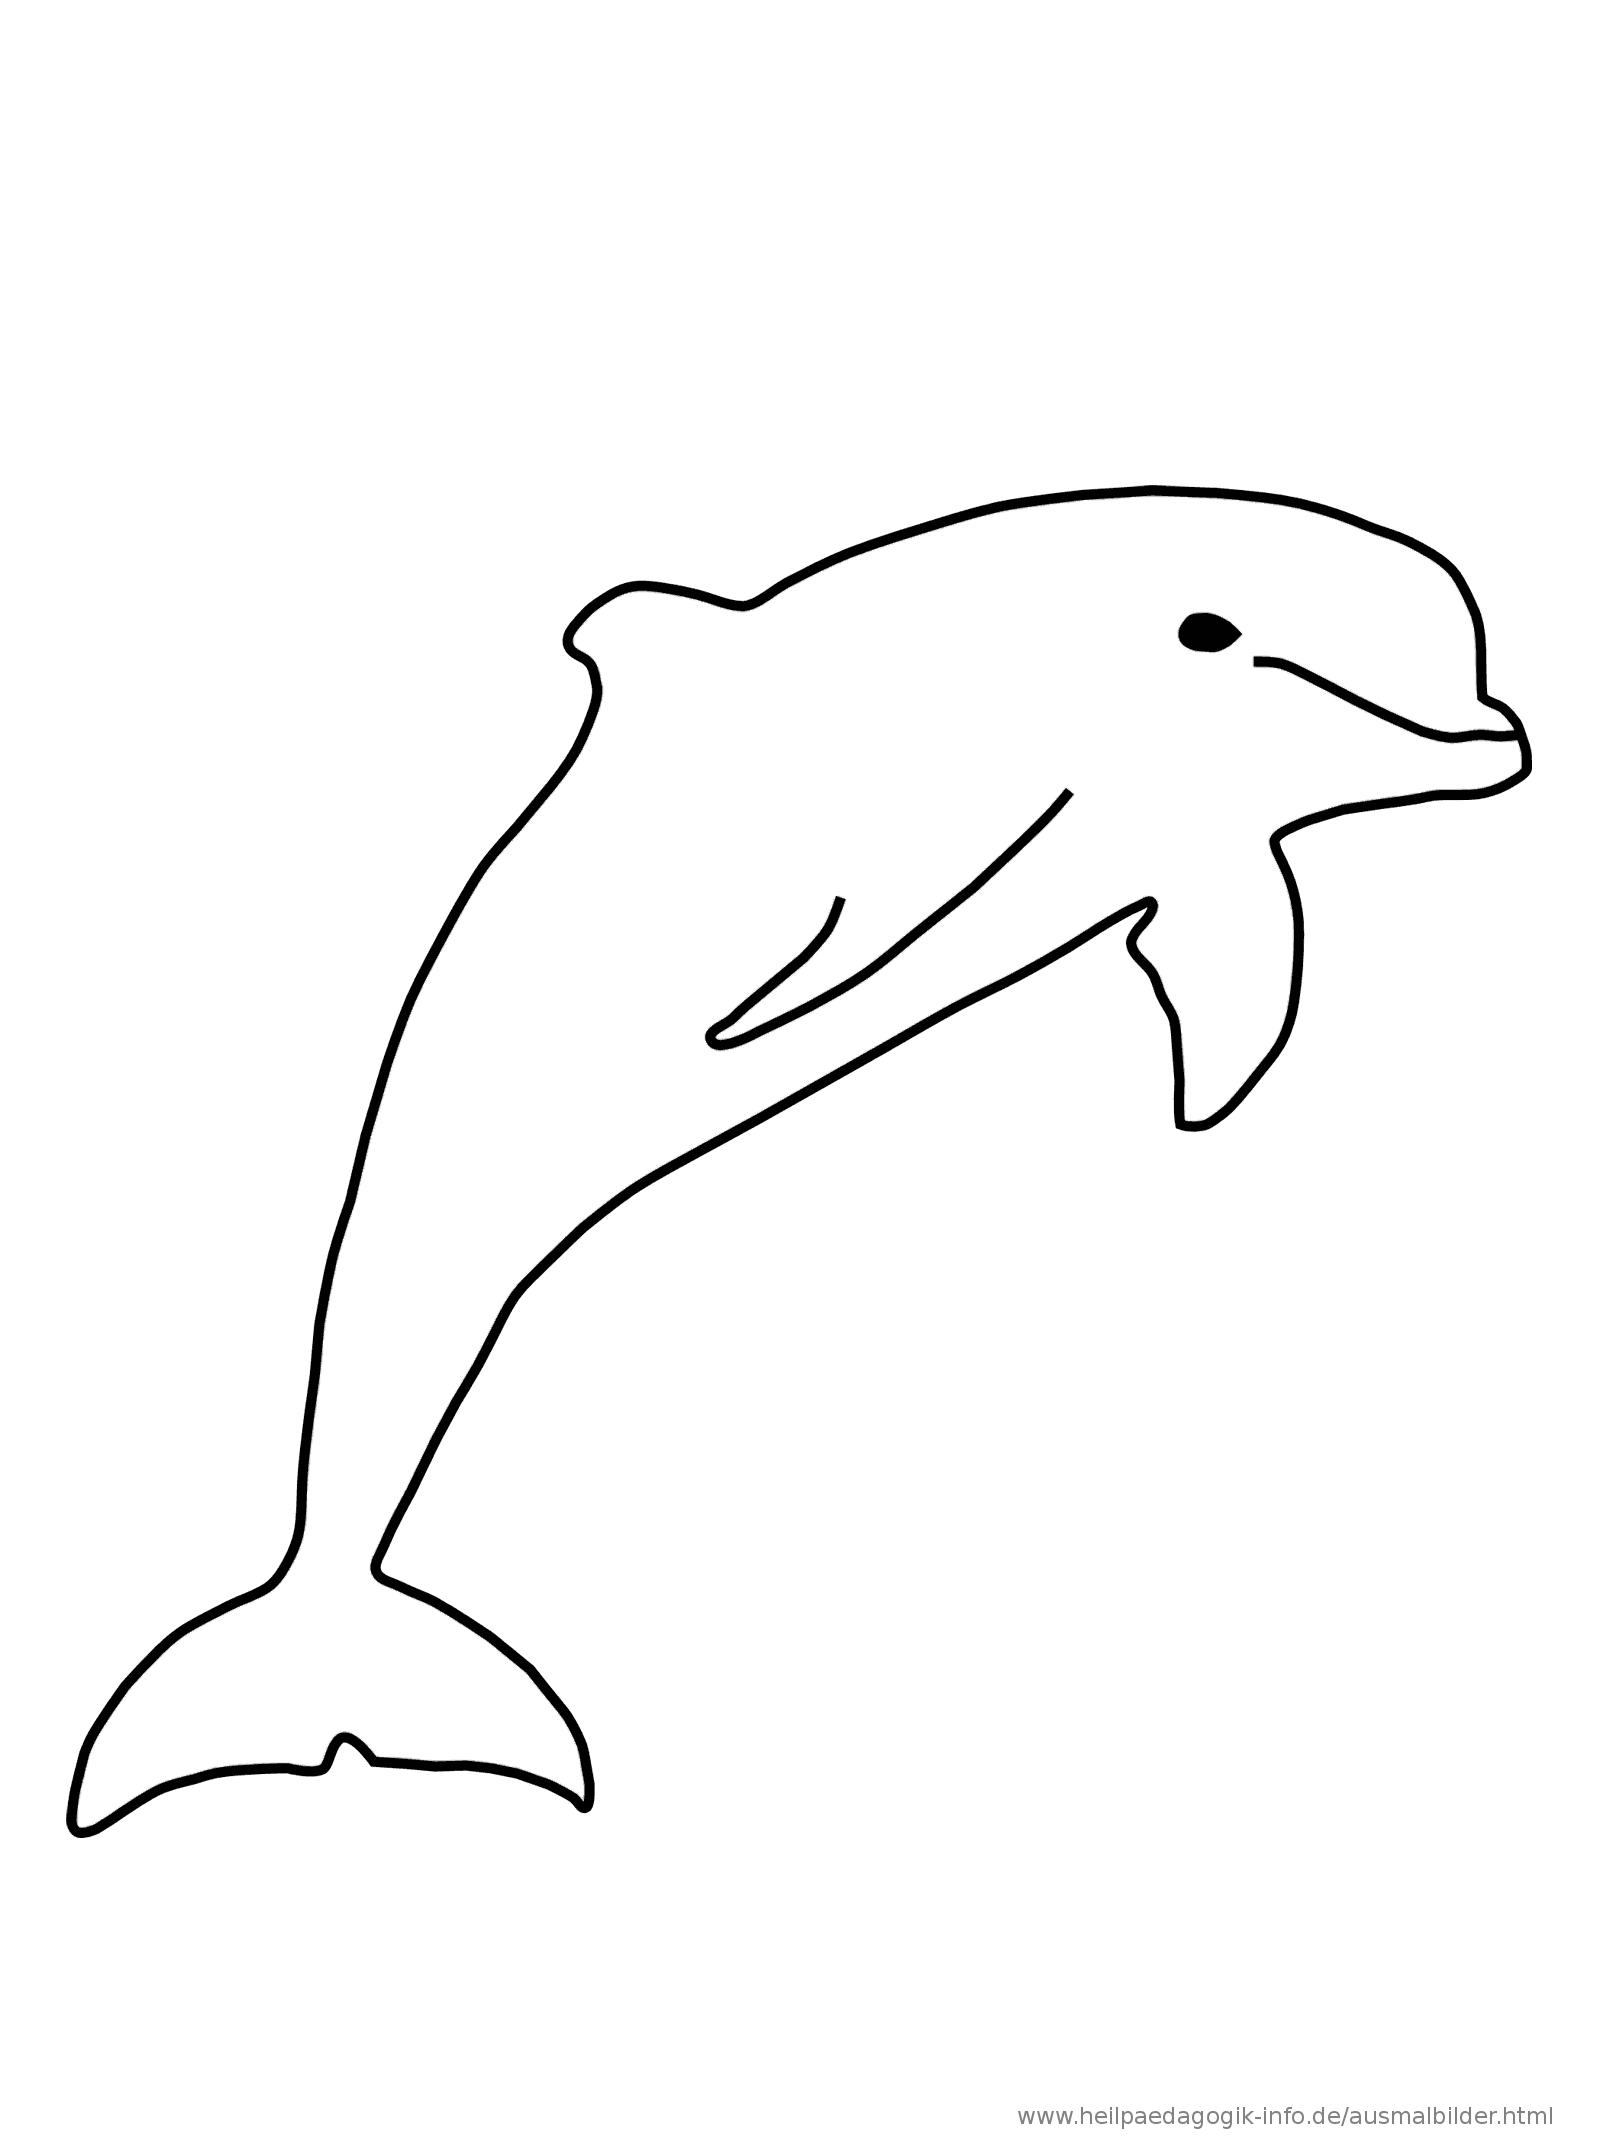 regenbogenfisch malvorlage  ausmalbilder fur euch